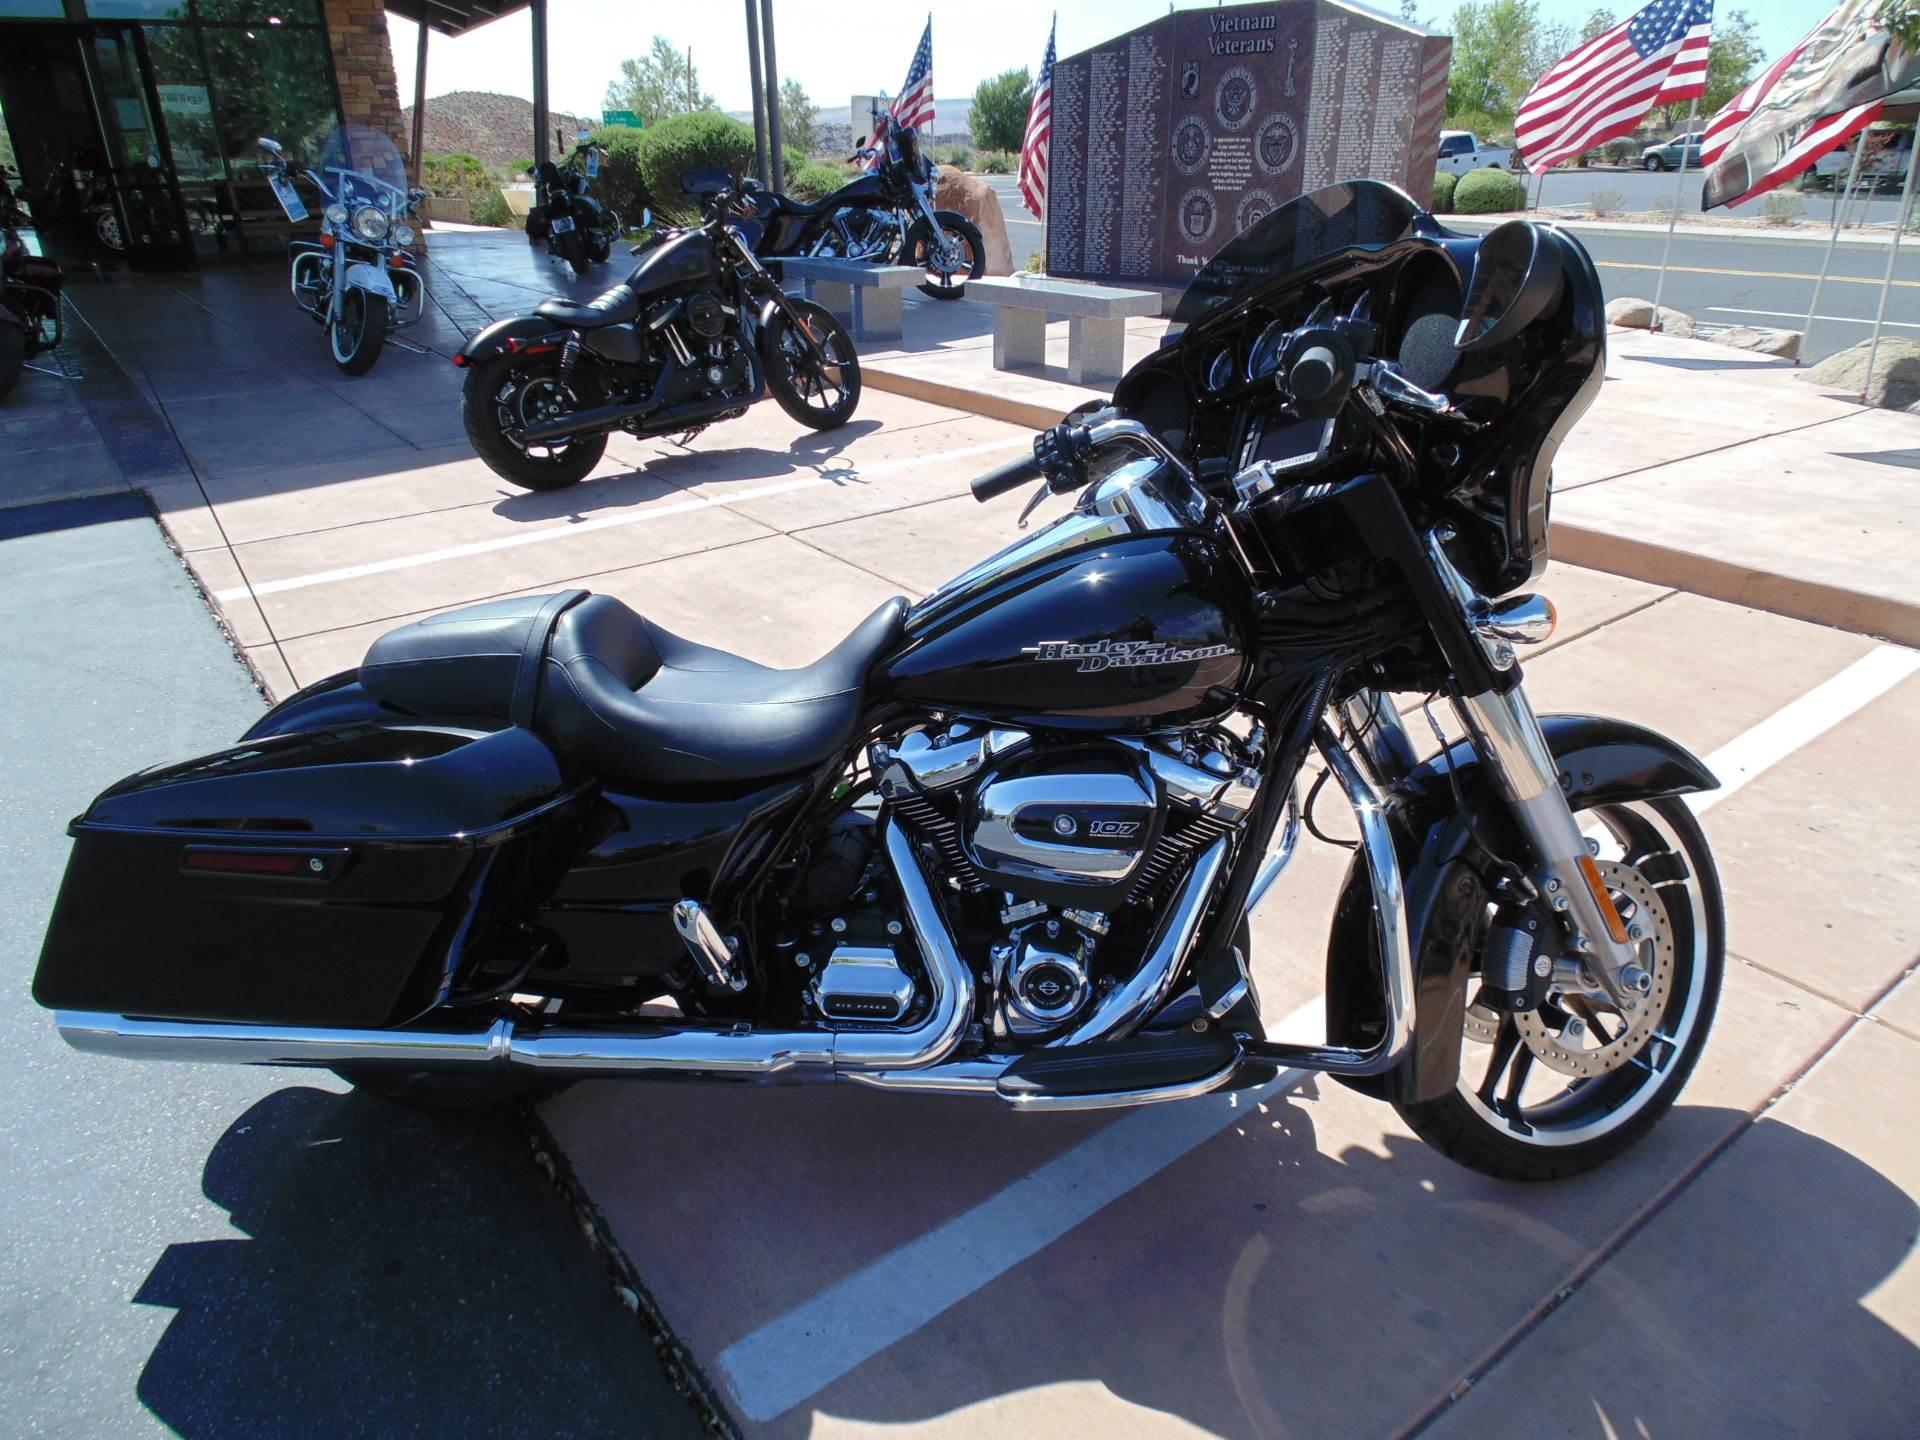 2017 Harley-Davidson Street Glide Special for sale 65645